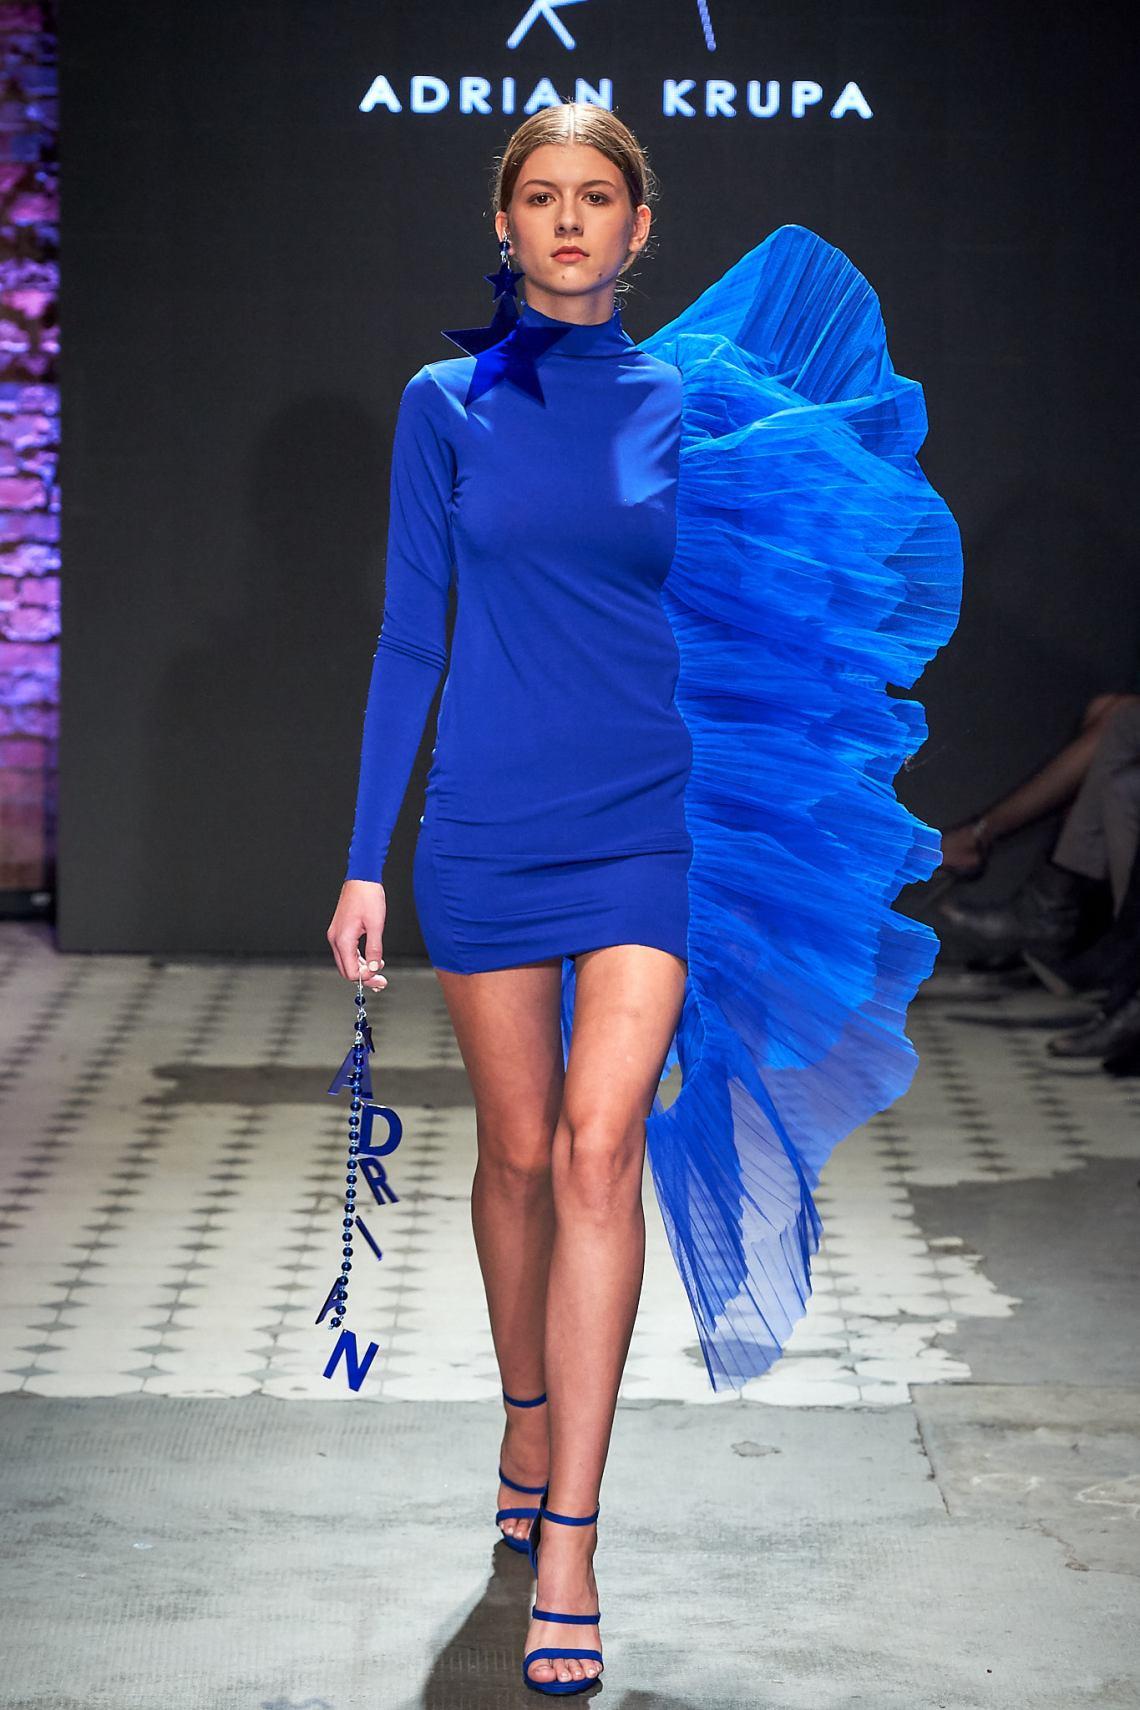 12_KTW_DAY1_111019_ADRIAN-KRUPA_lowres-fotFilipOkopny-FashionImages